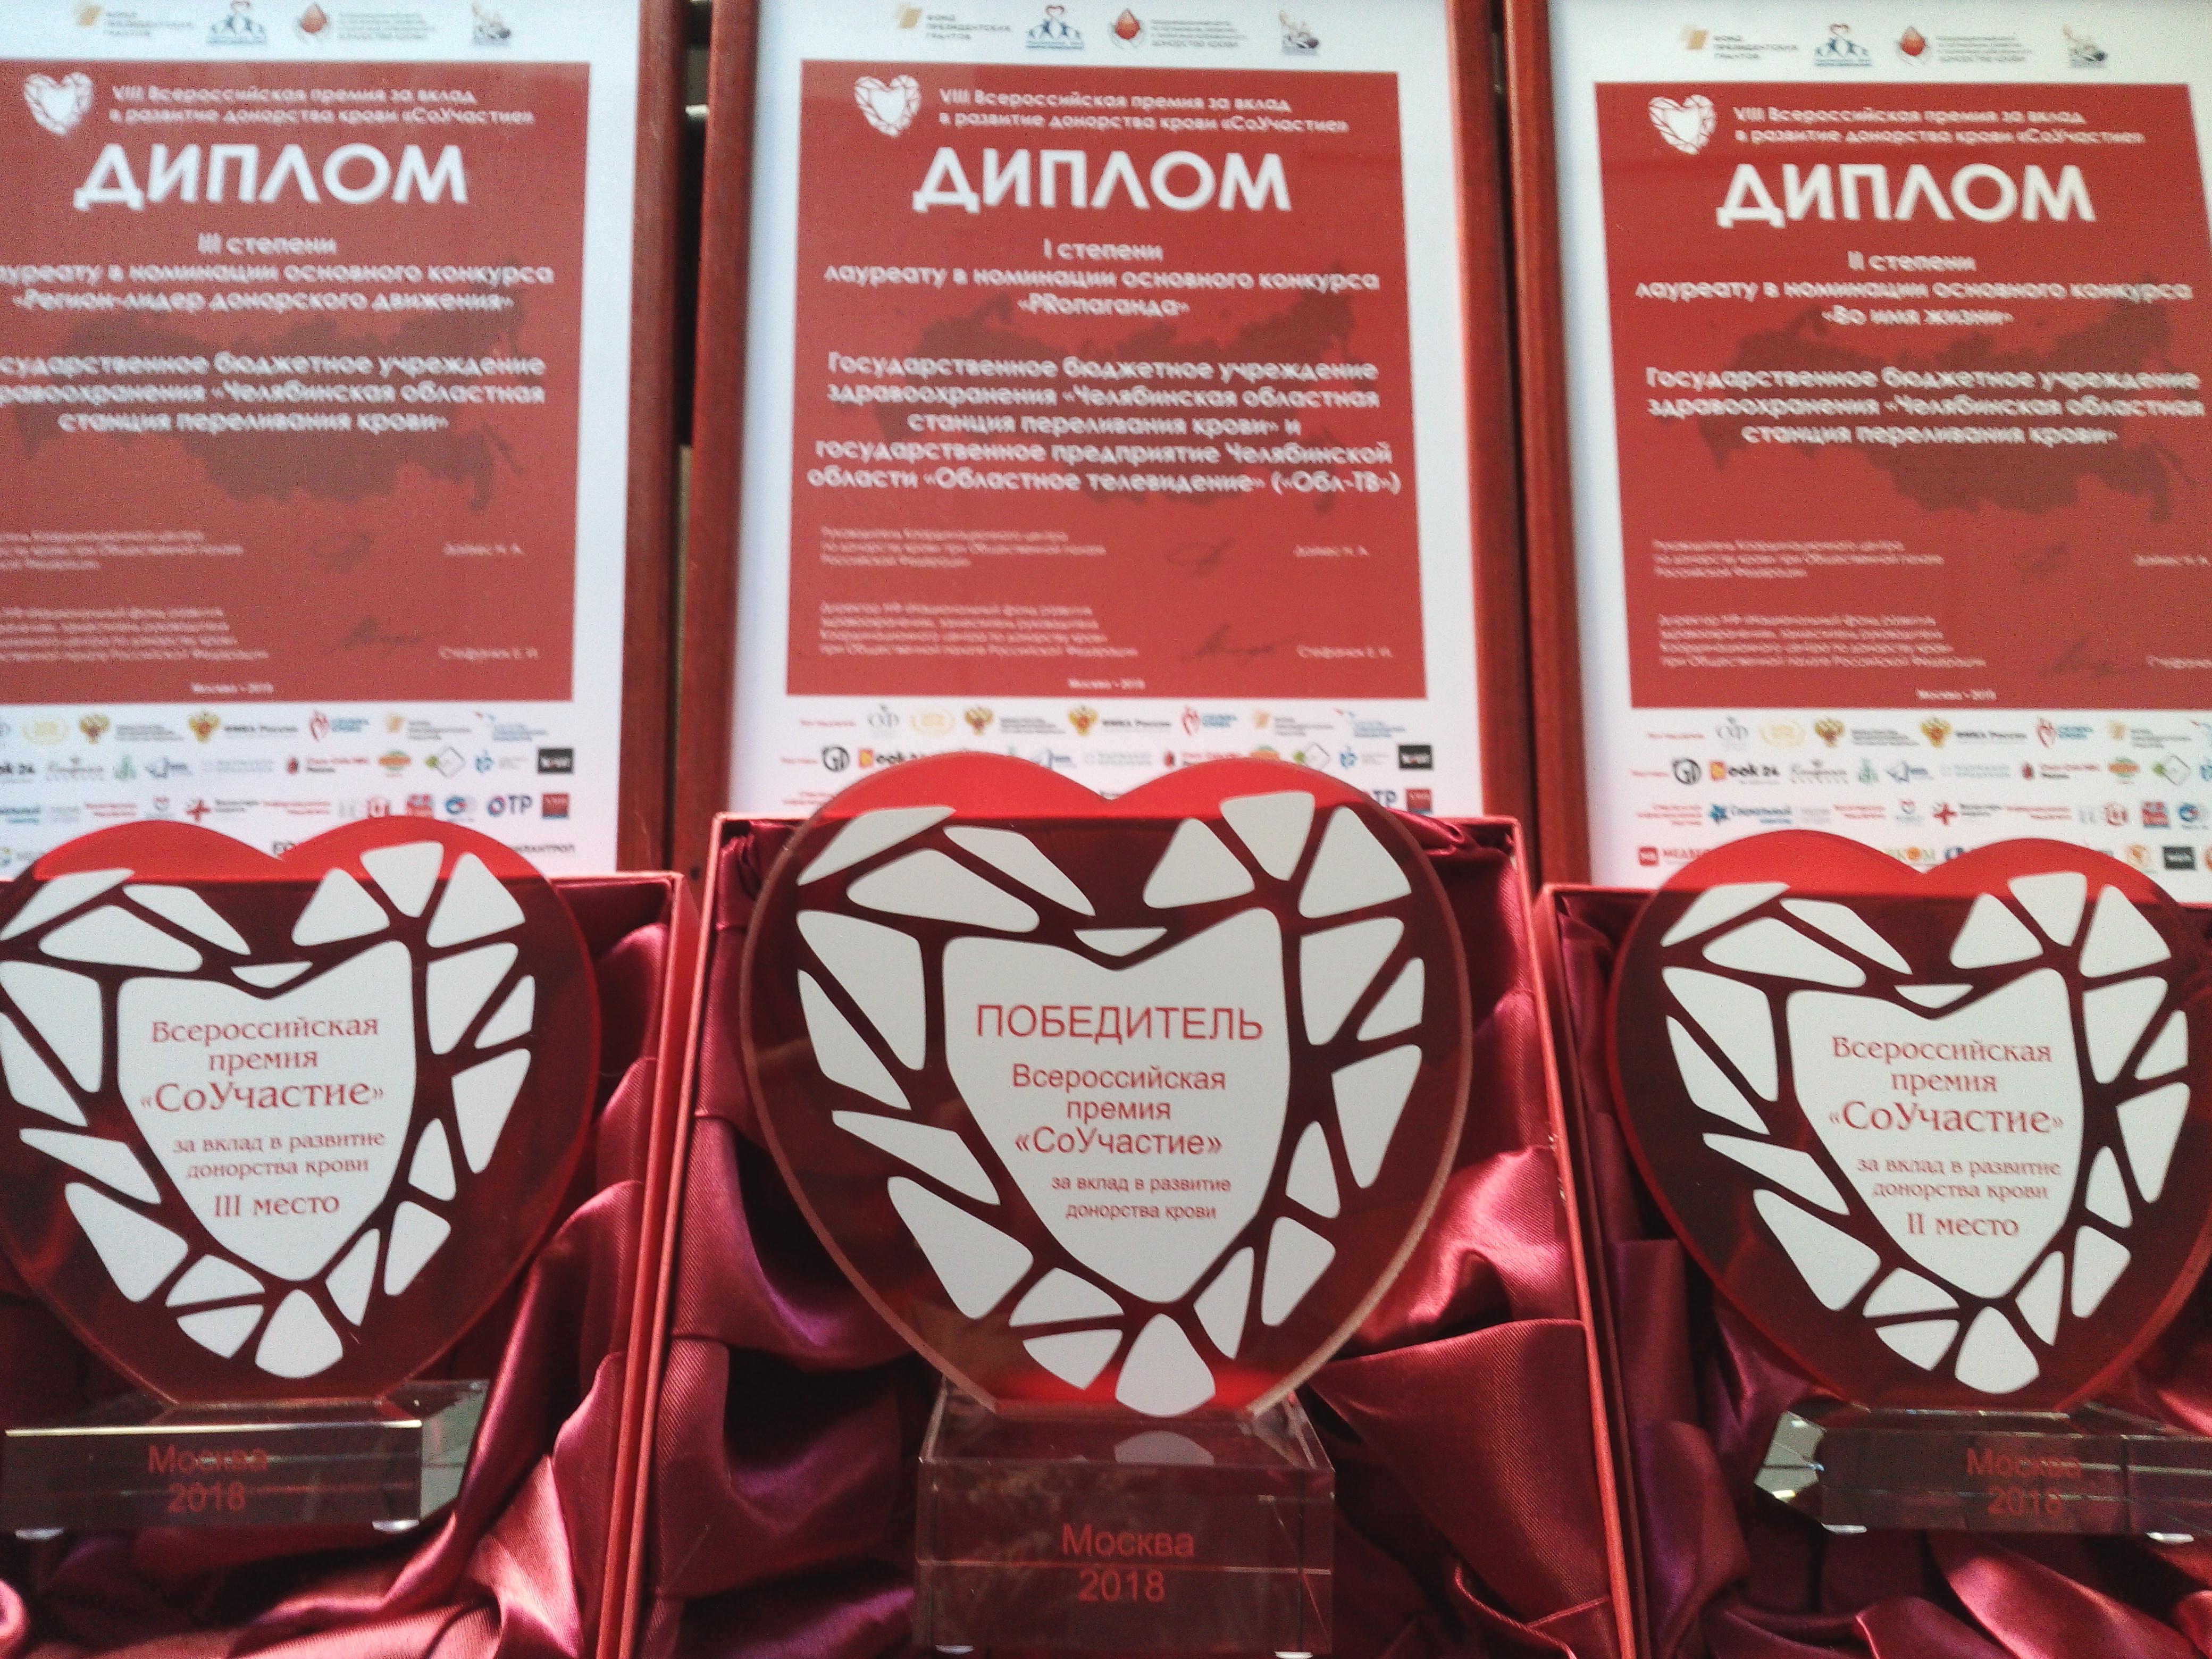 Торжественная церемония награждения  прошли  в Общественной палате России в Москве